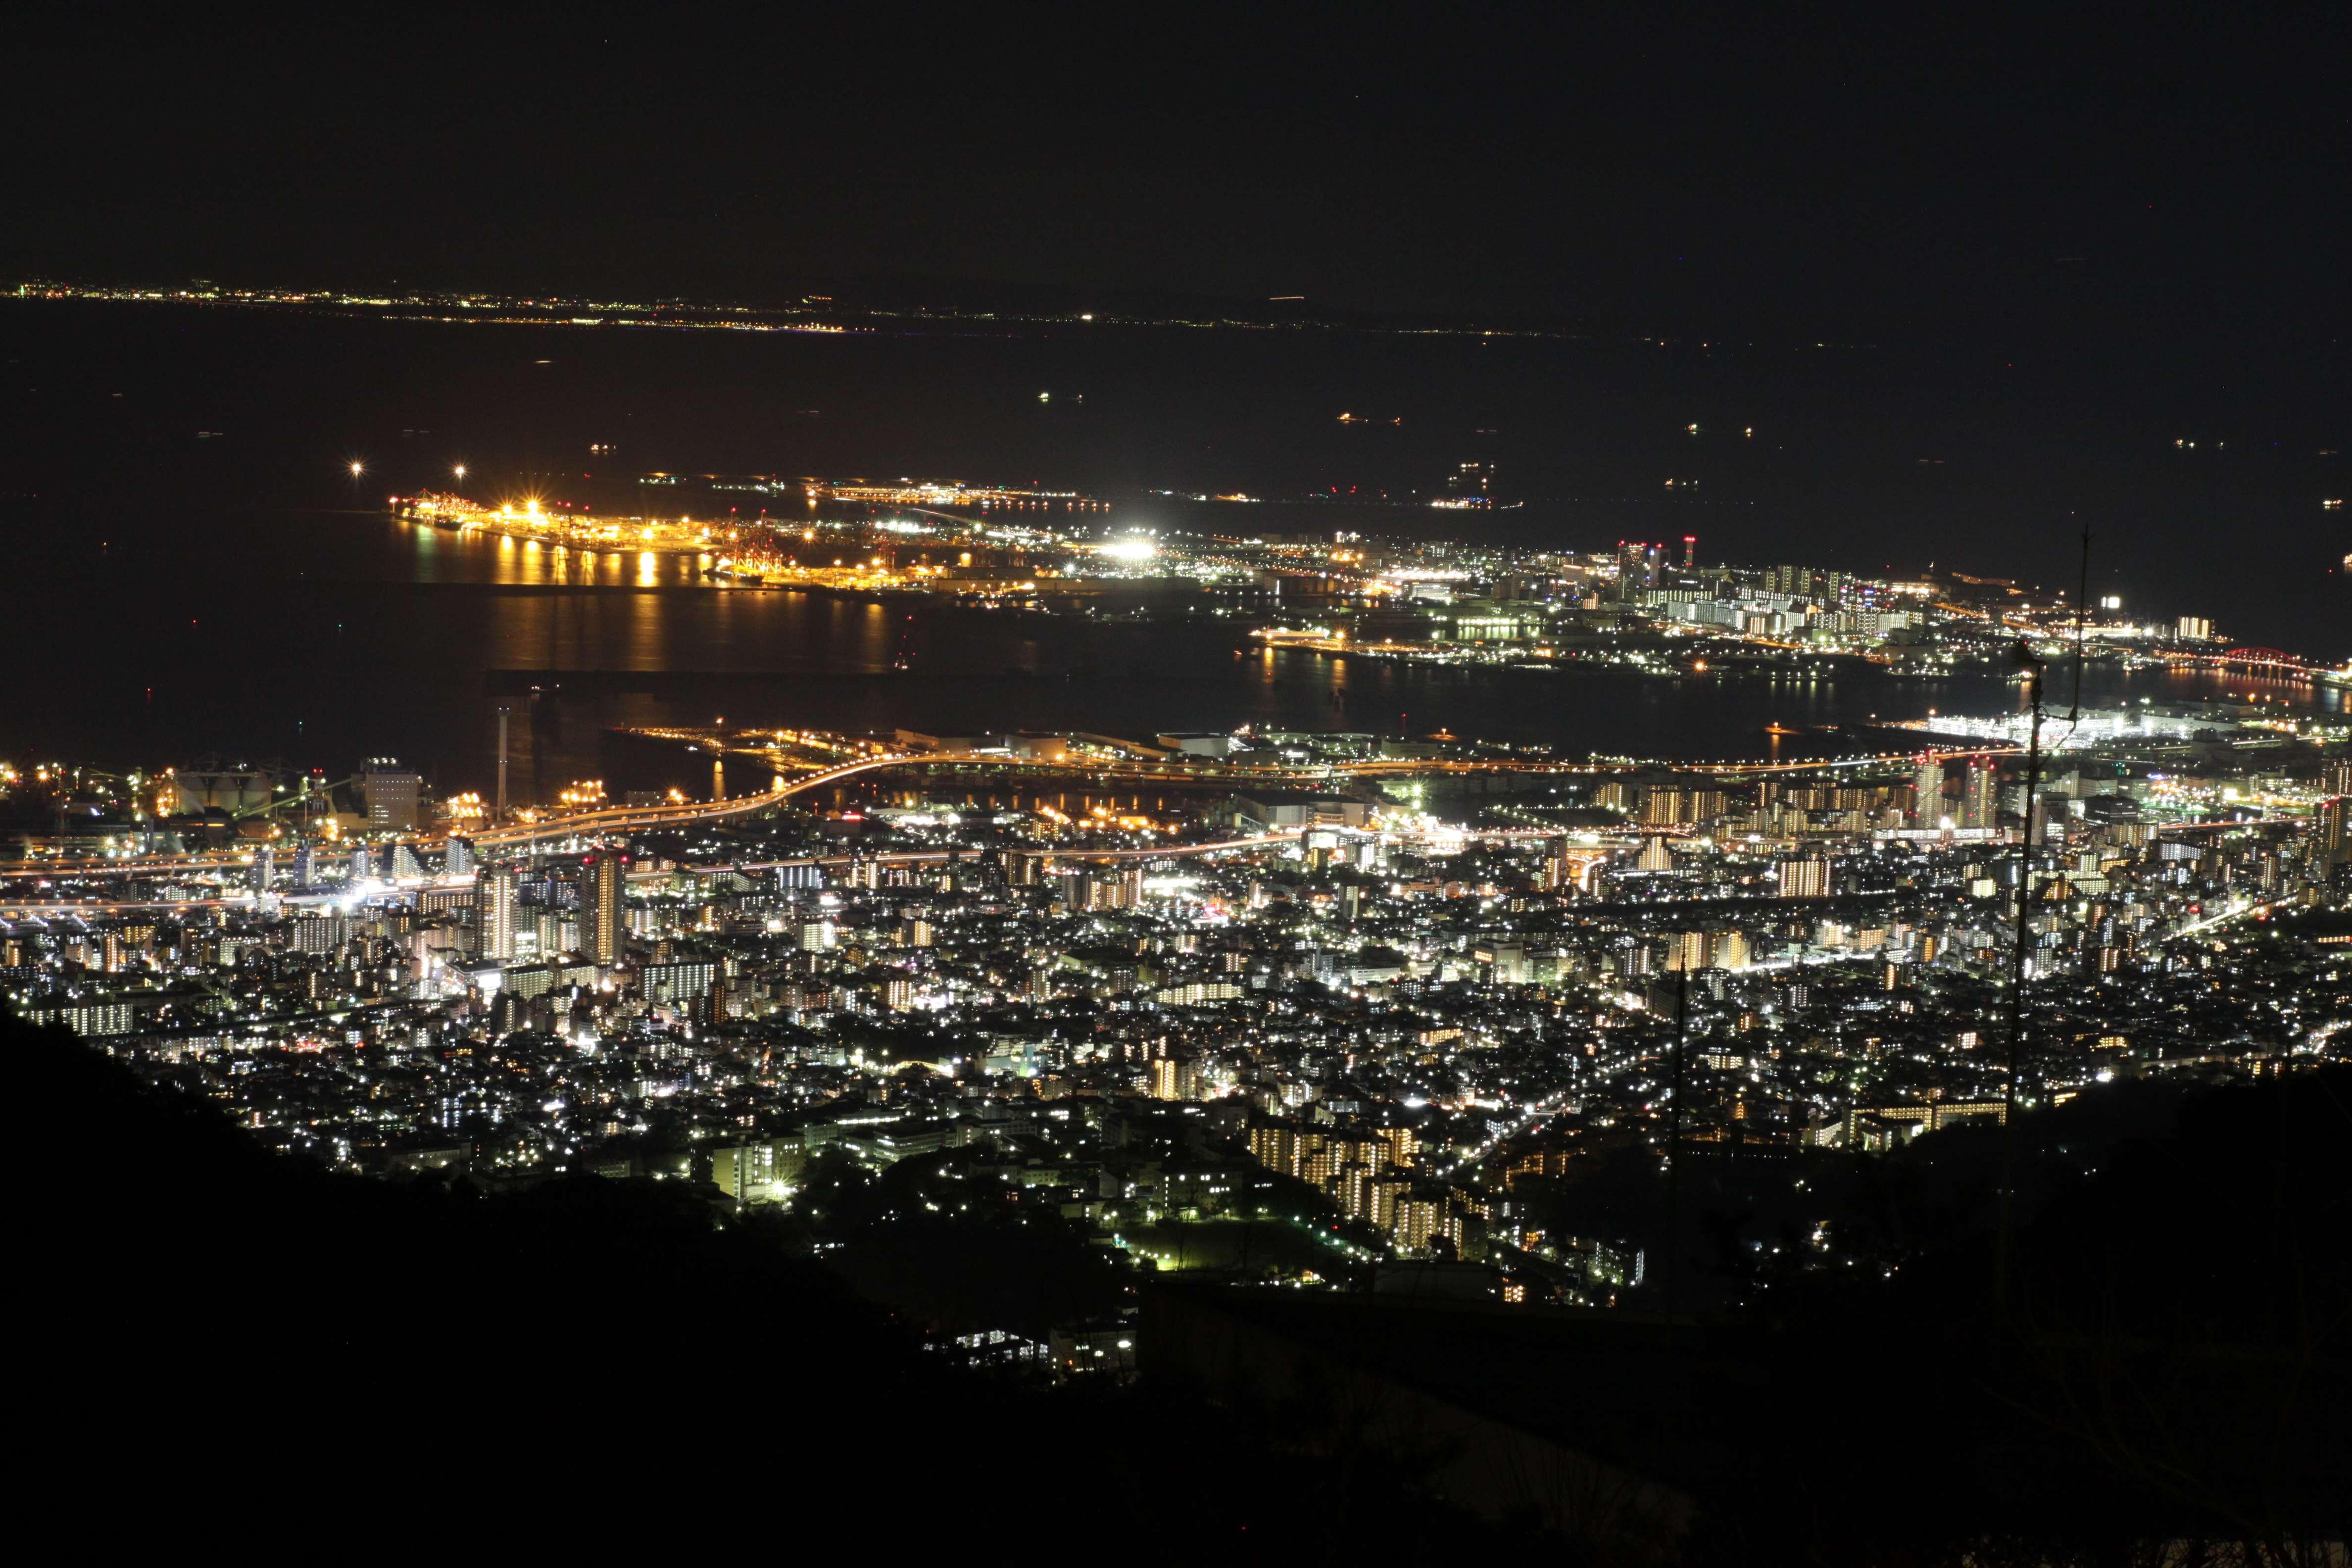 六甲山展覧台からの夜景